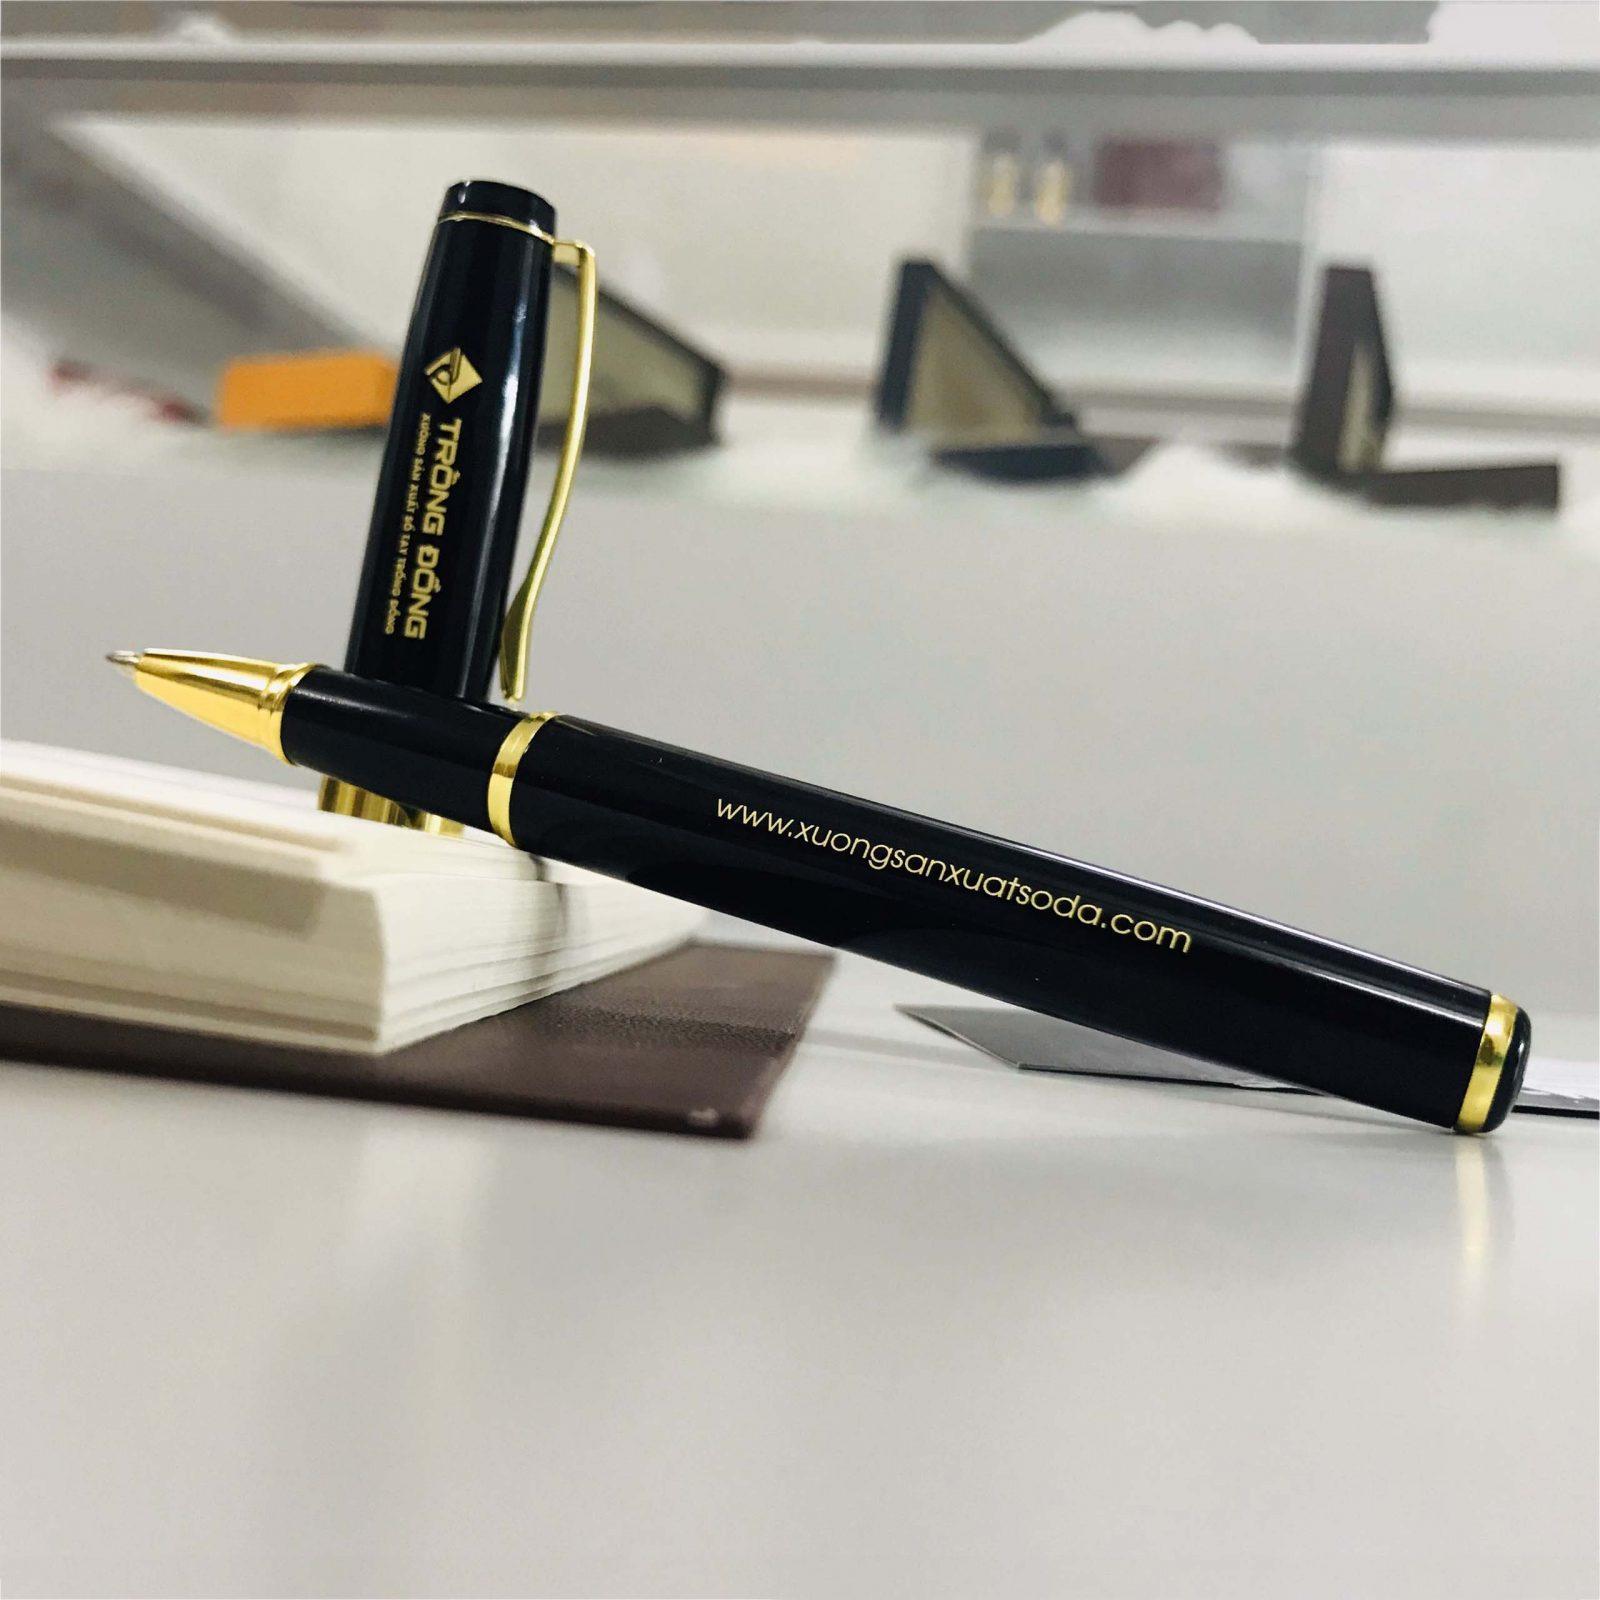 Thân bút được thiết kế theo hình bầu rất đơn giản